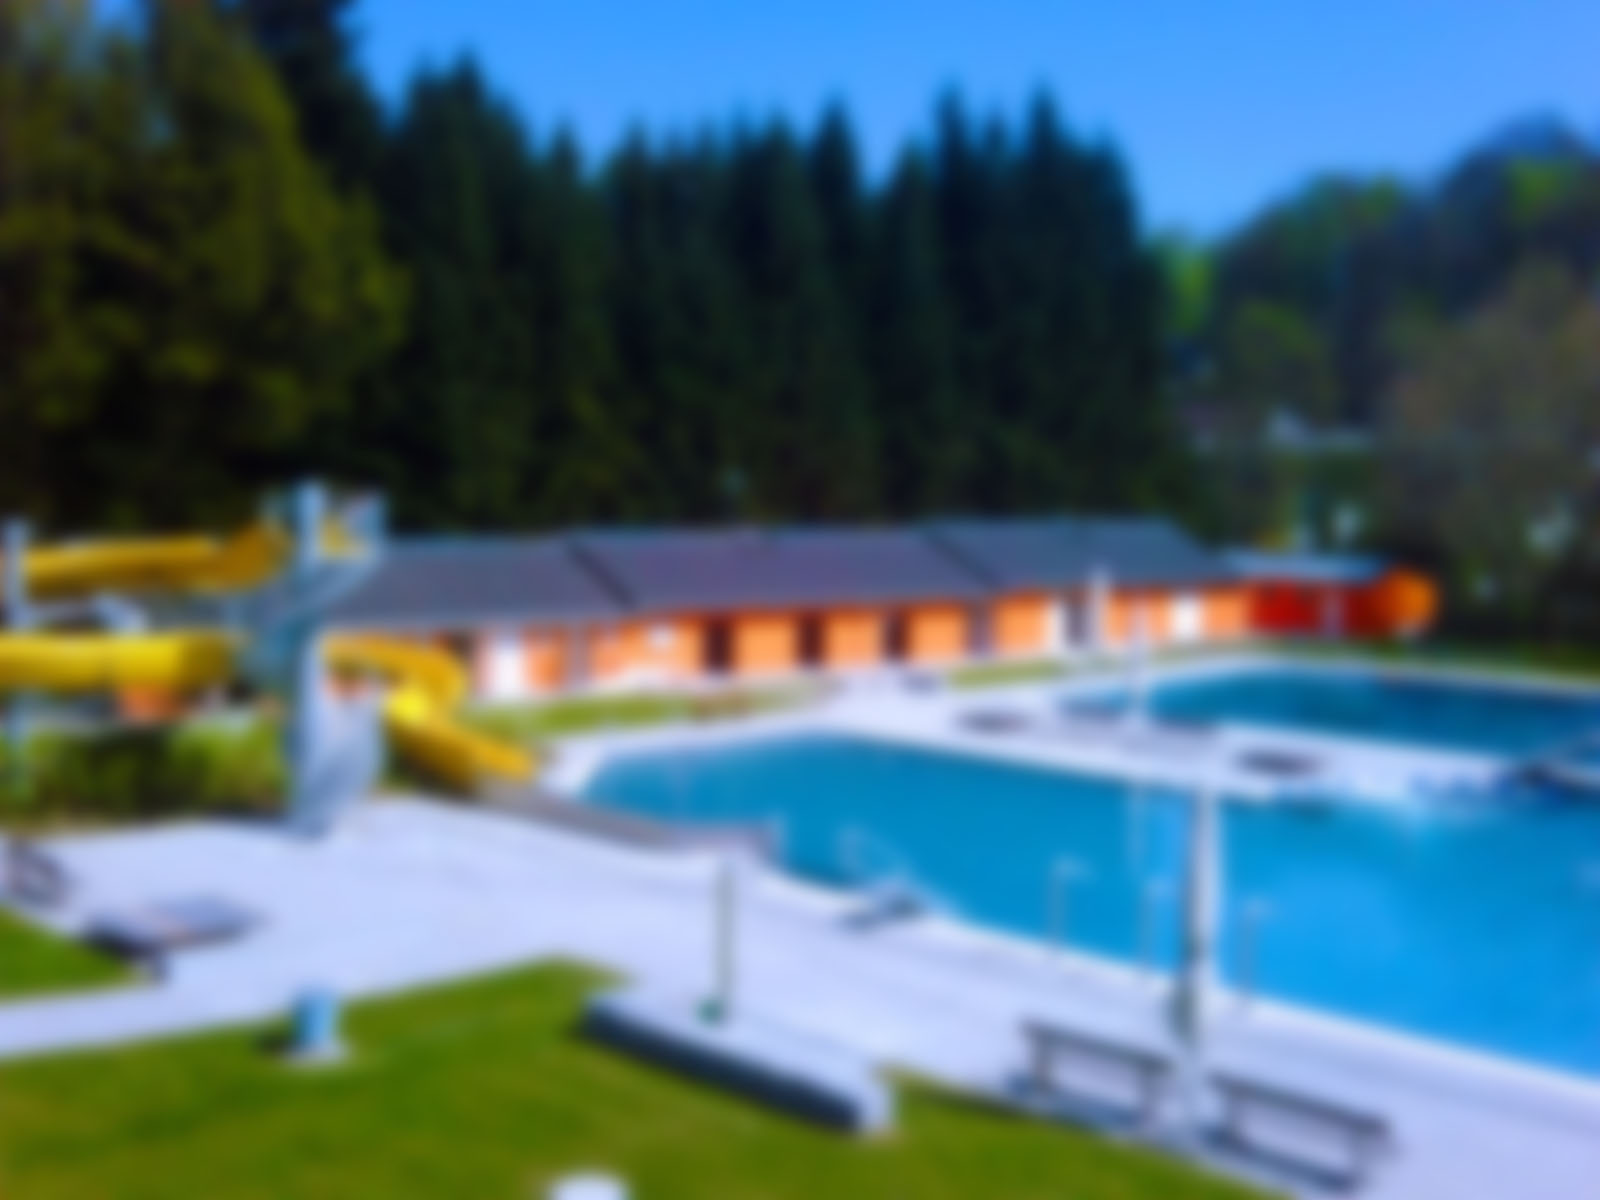 chauffage-solaire-piscine-france-koveo-80621